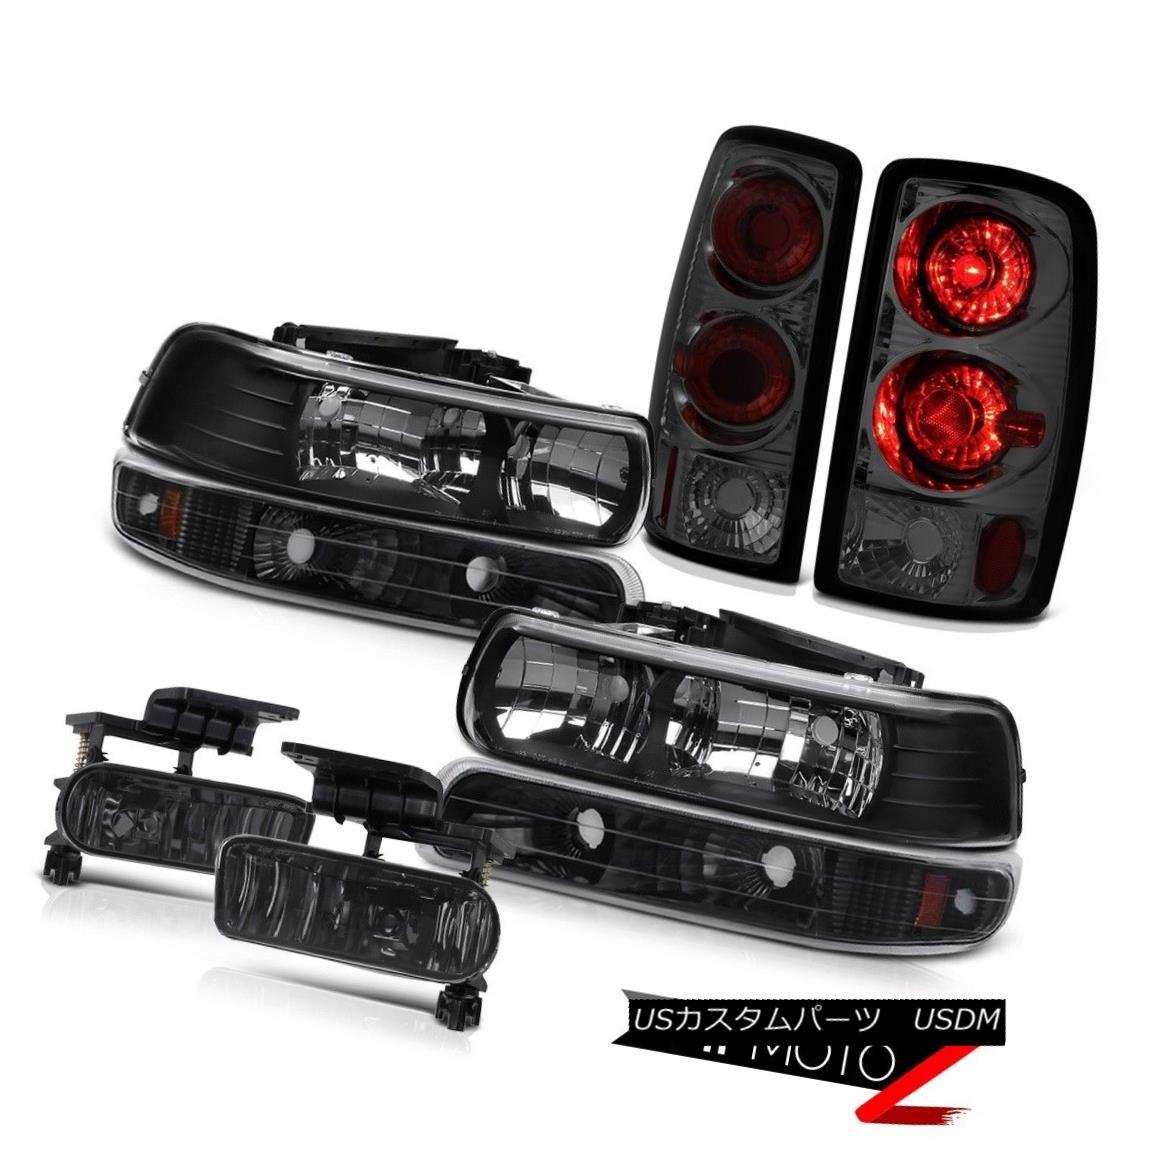 テールライト Left Right Headlights Bumper Smoke Rear Brake Lights Tint Fog 2000-2006 Suburban 左右ヘッドライトバンパースモークリアブレーキライトティントフォッグ2000-2006郊外